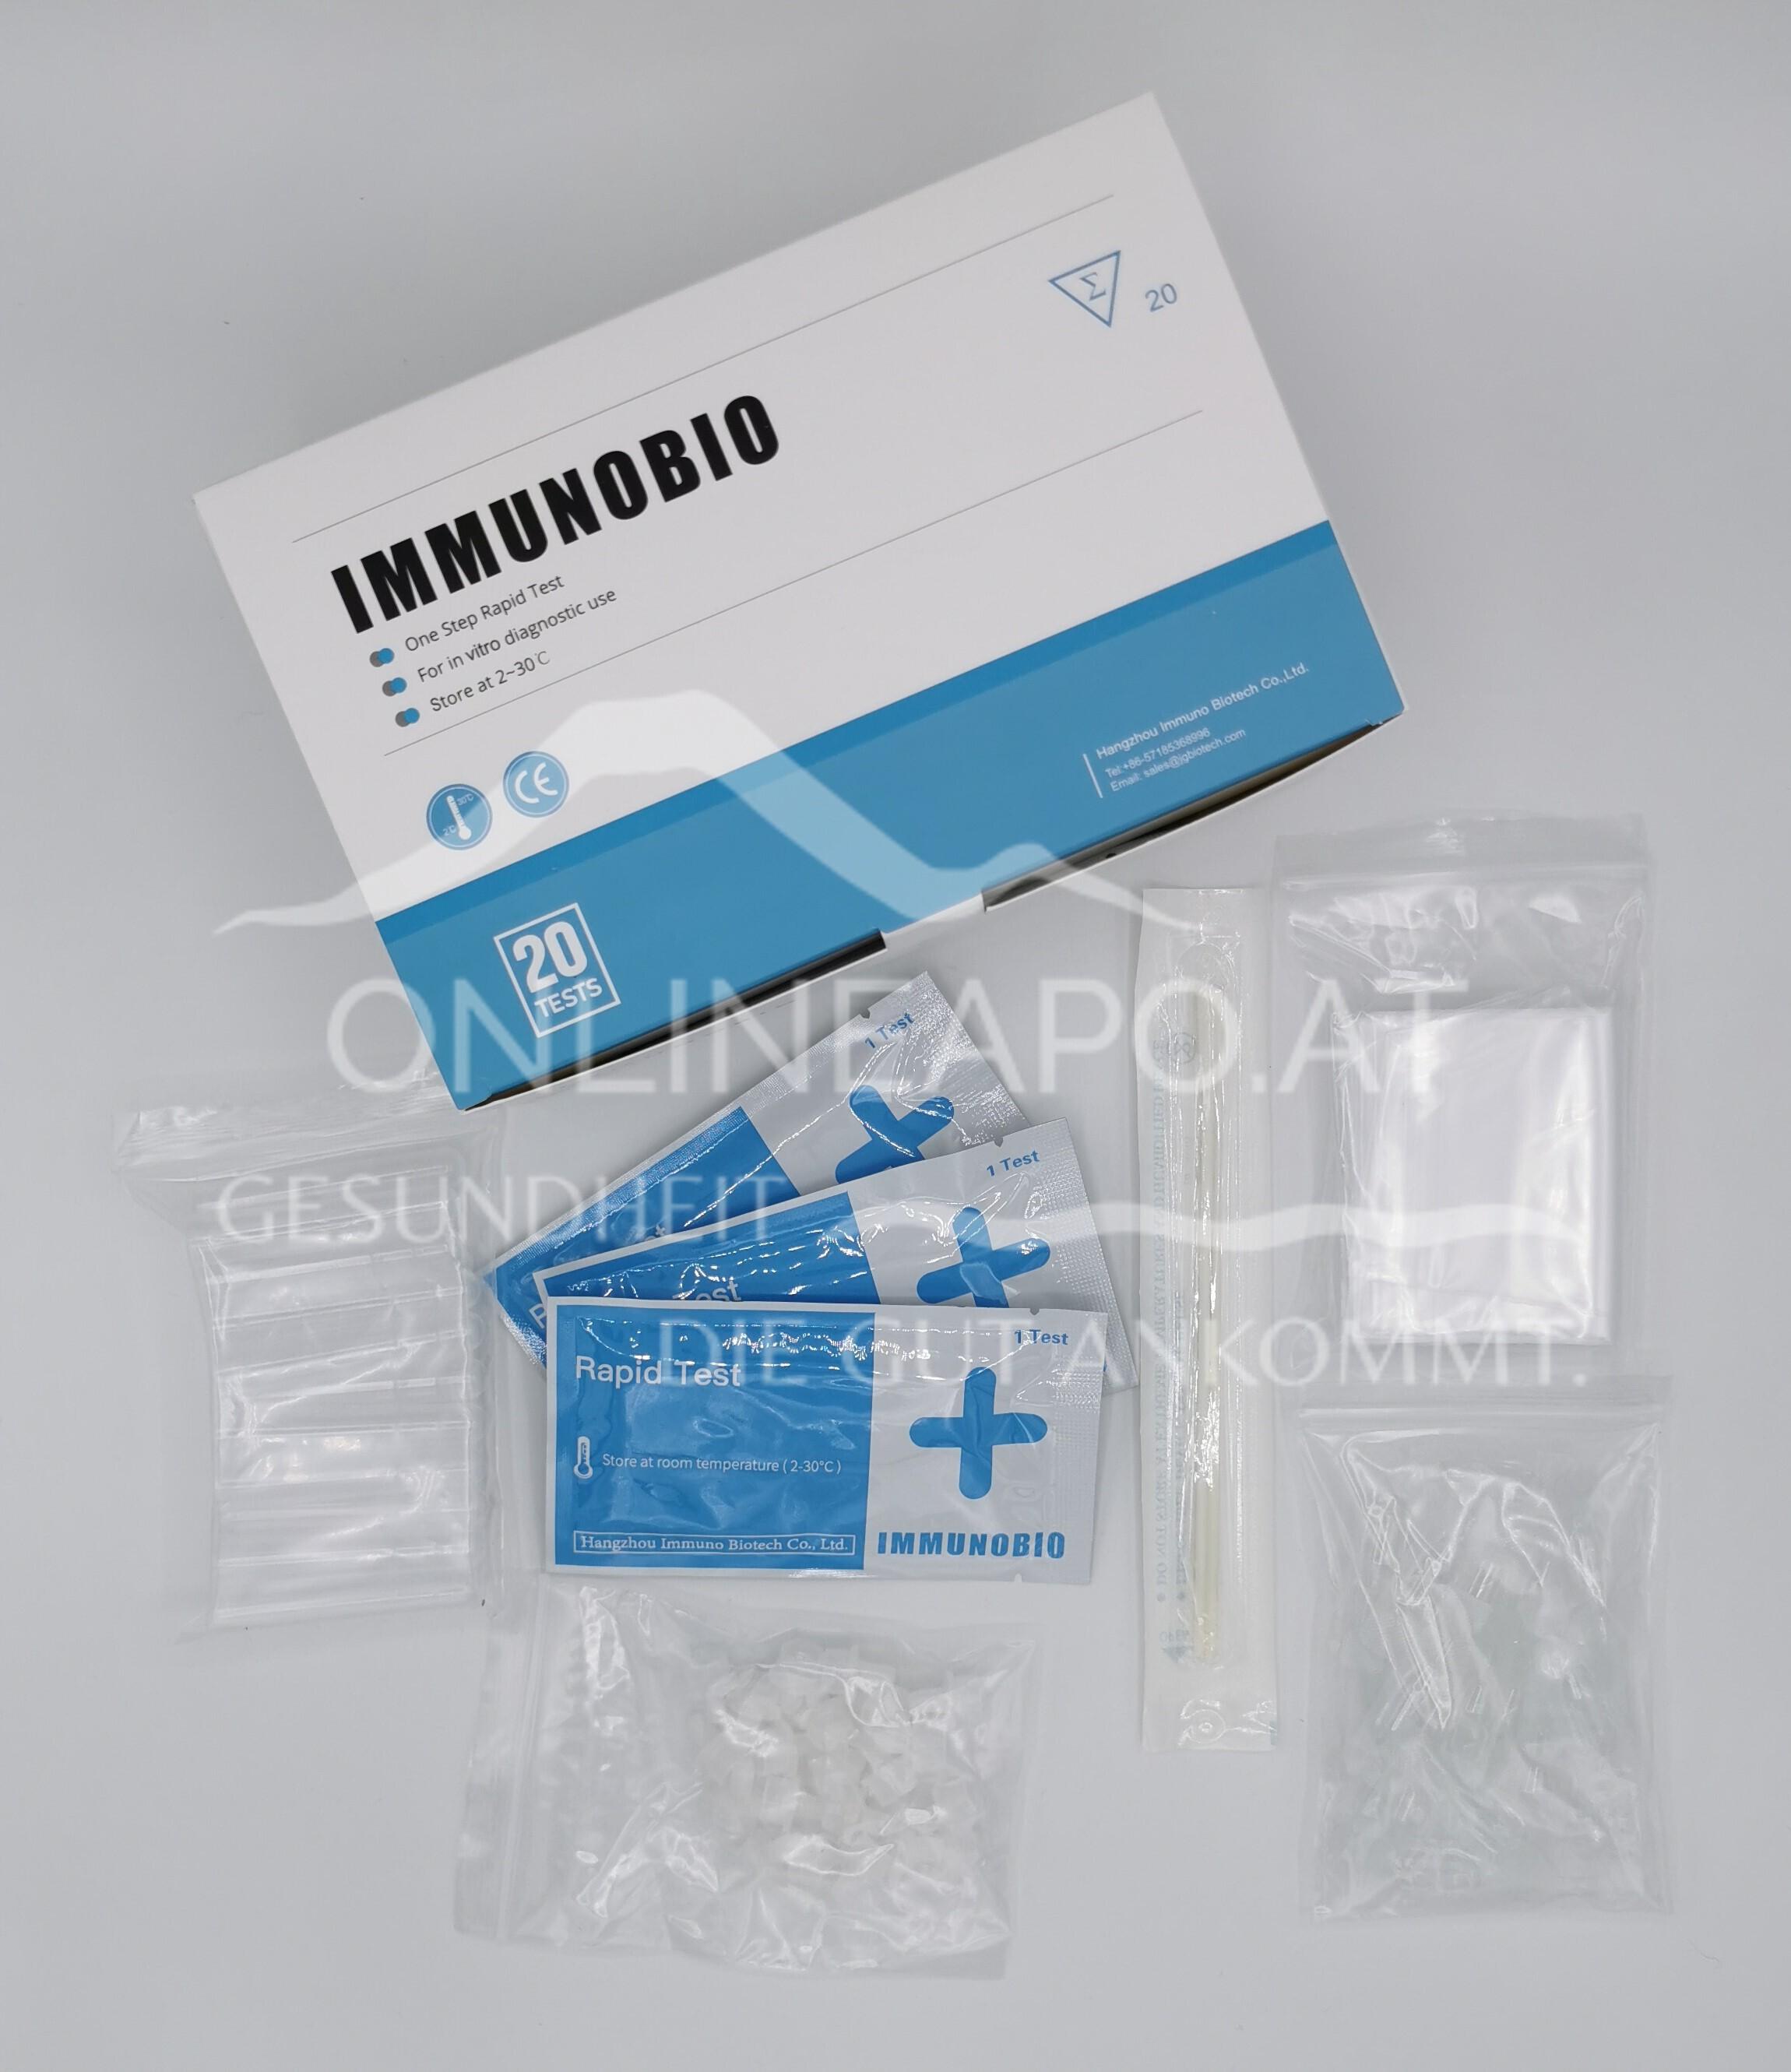 Immunobio SARS-CoV-2 Antigen Schnelltest 4 in 1